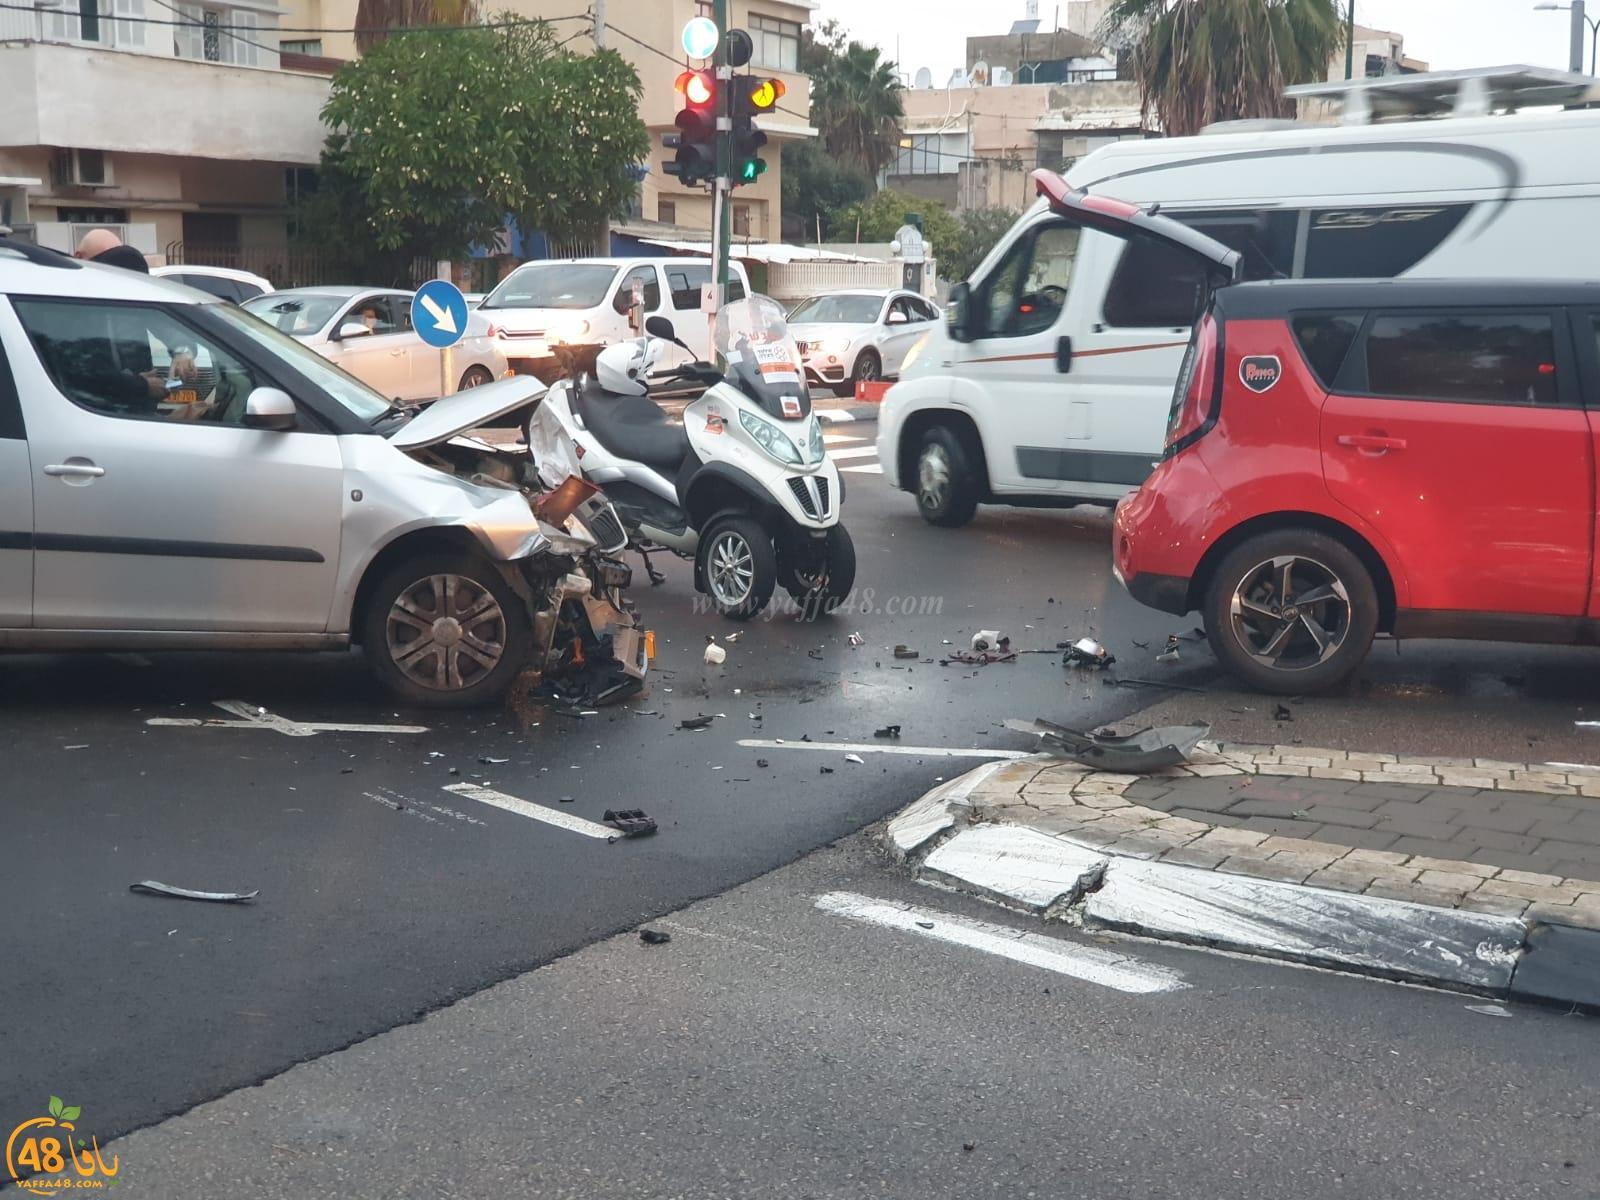 بالصور: حادث طرق بين مركبتين بيافا وأزمة مرورية خانقة في المكان